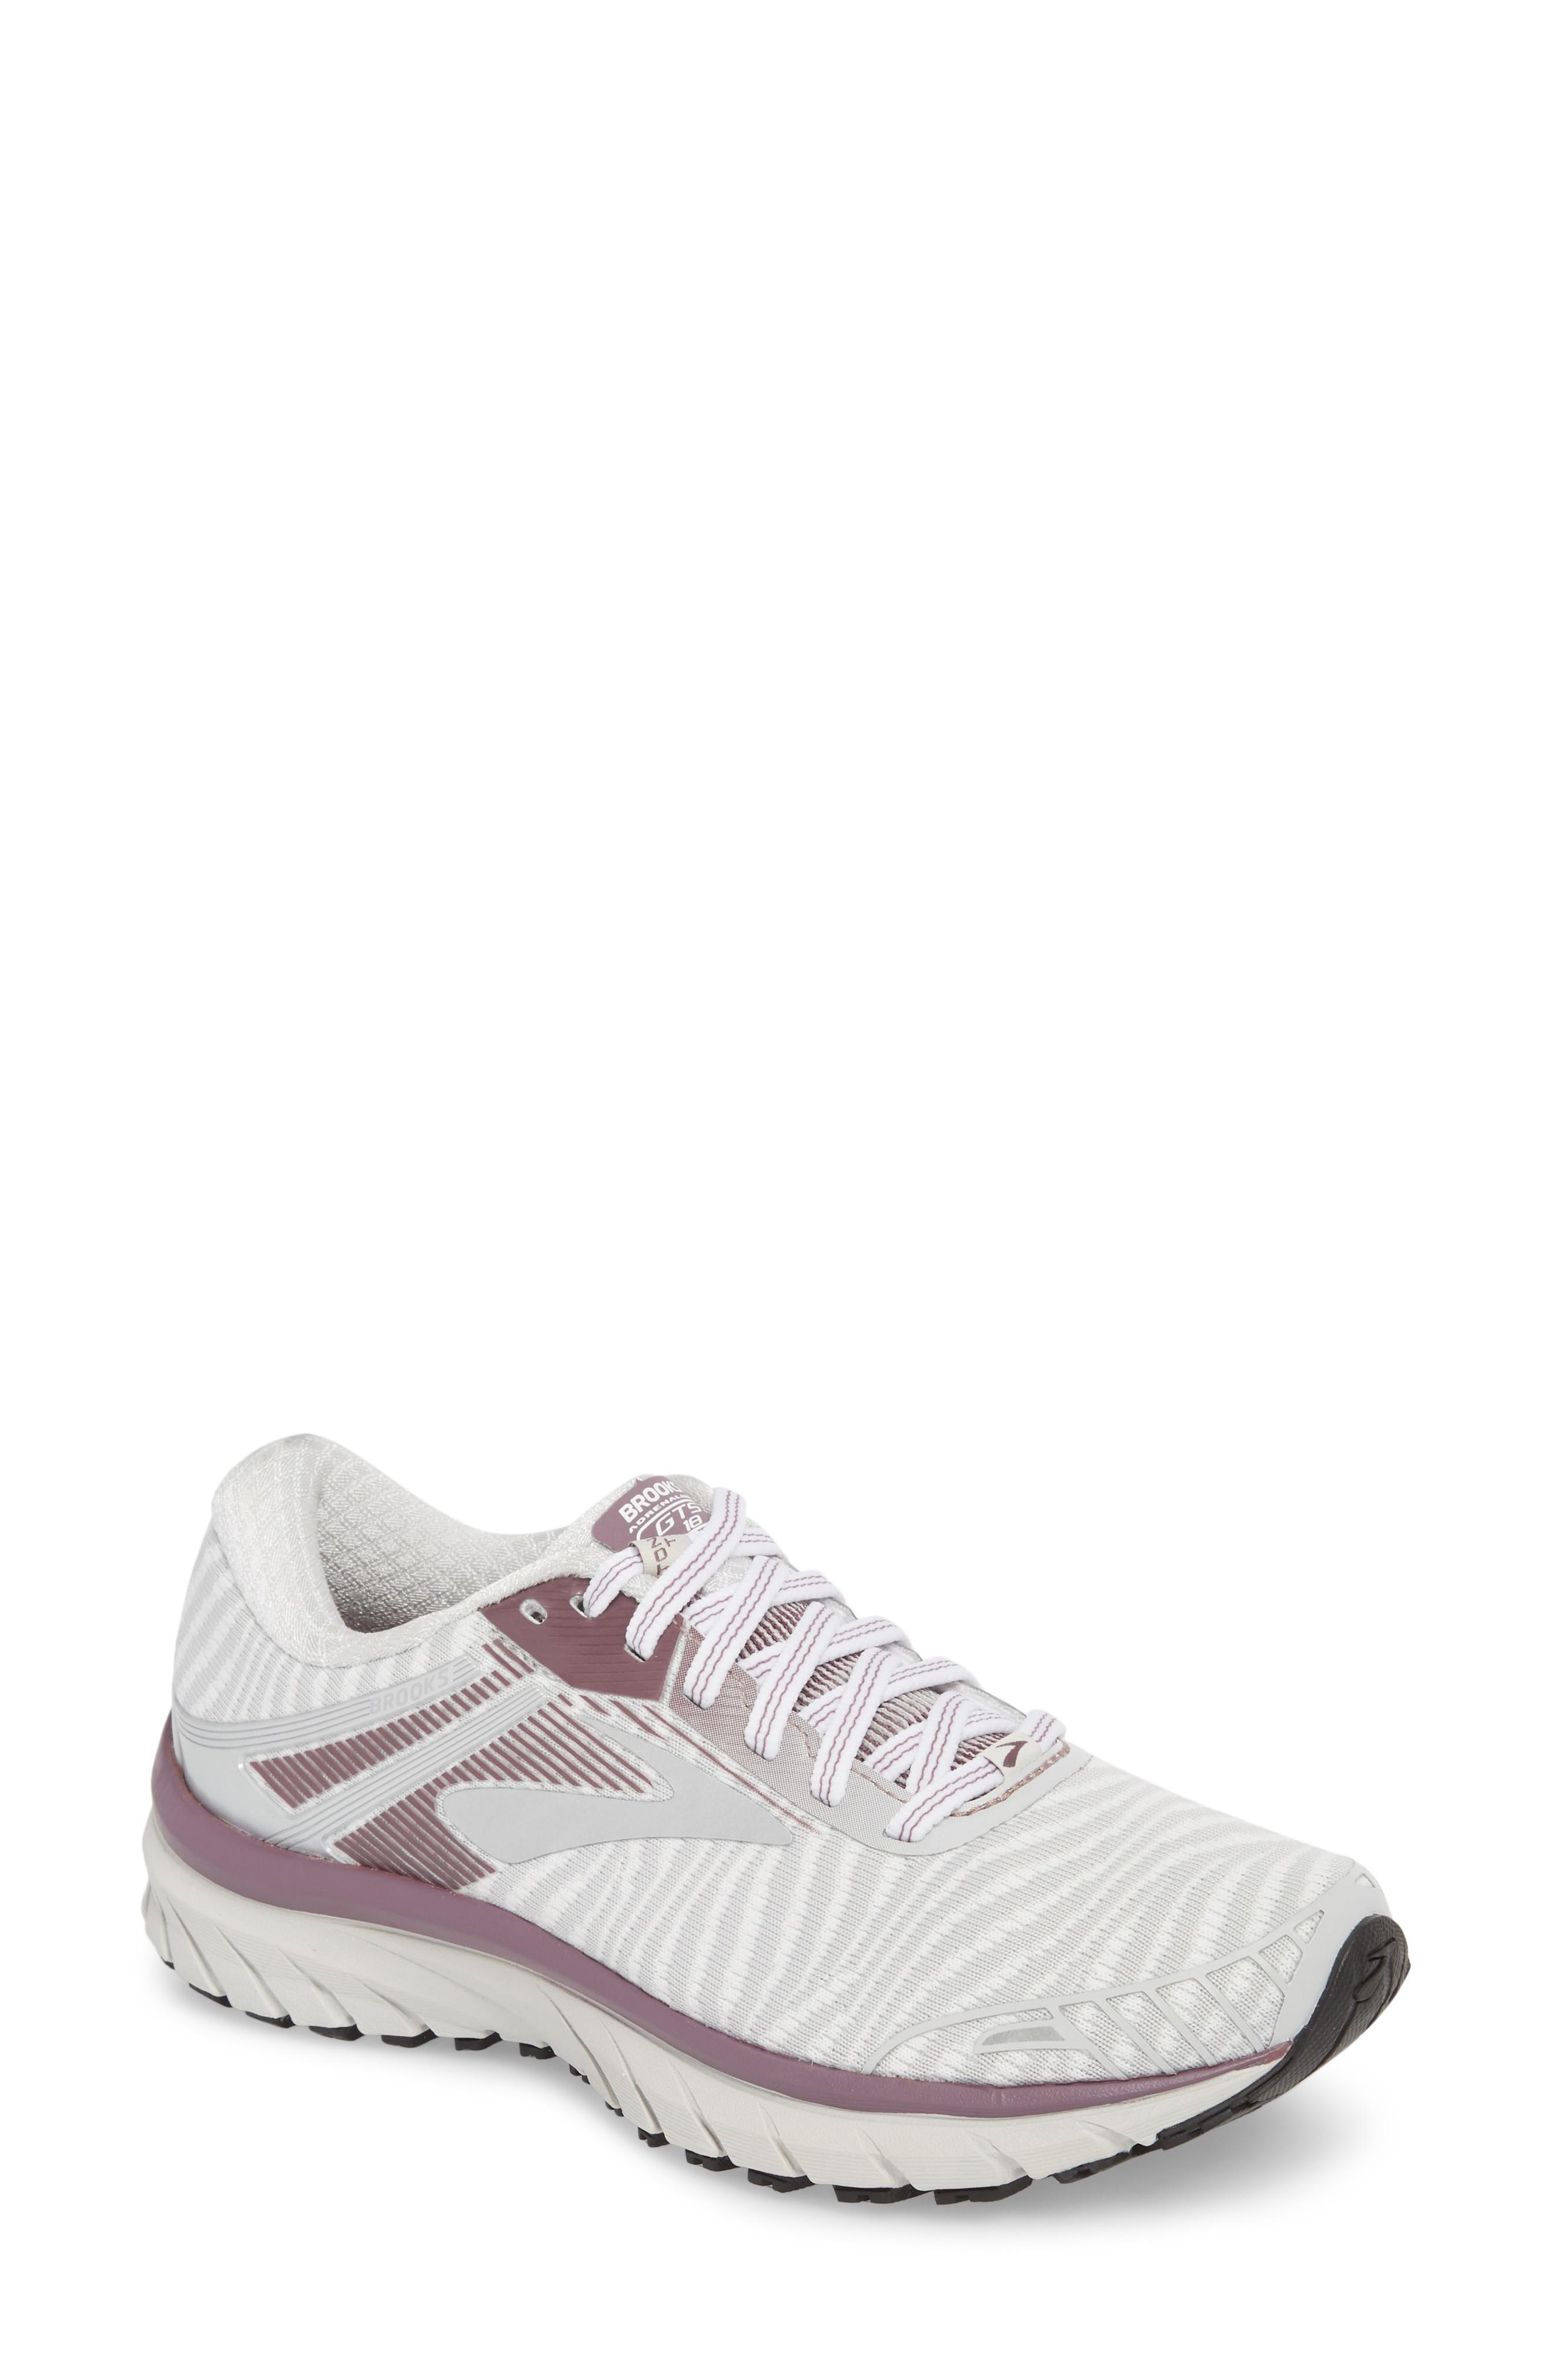 199b5219032 Brooks Adrenaline Gts 18 Running Shoe In White  Purple  Grey